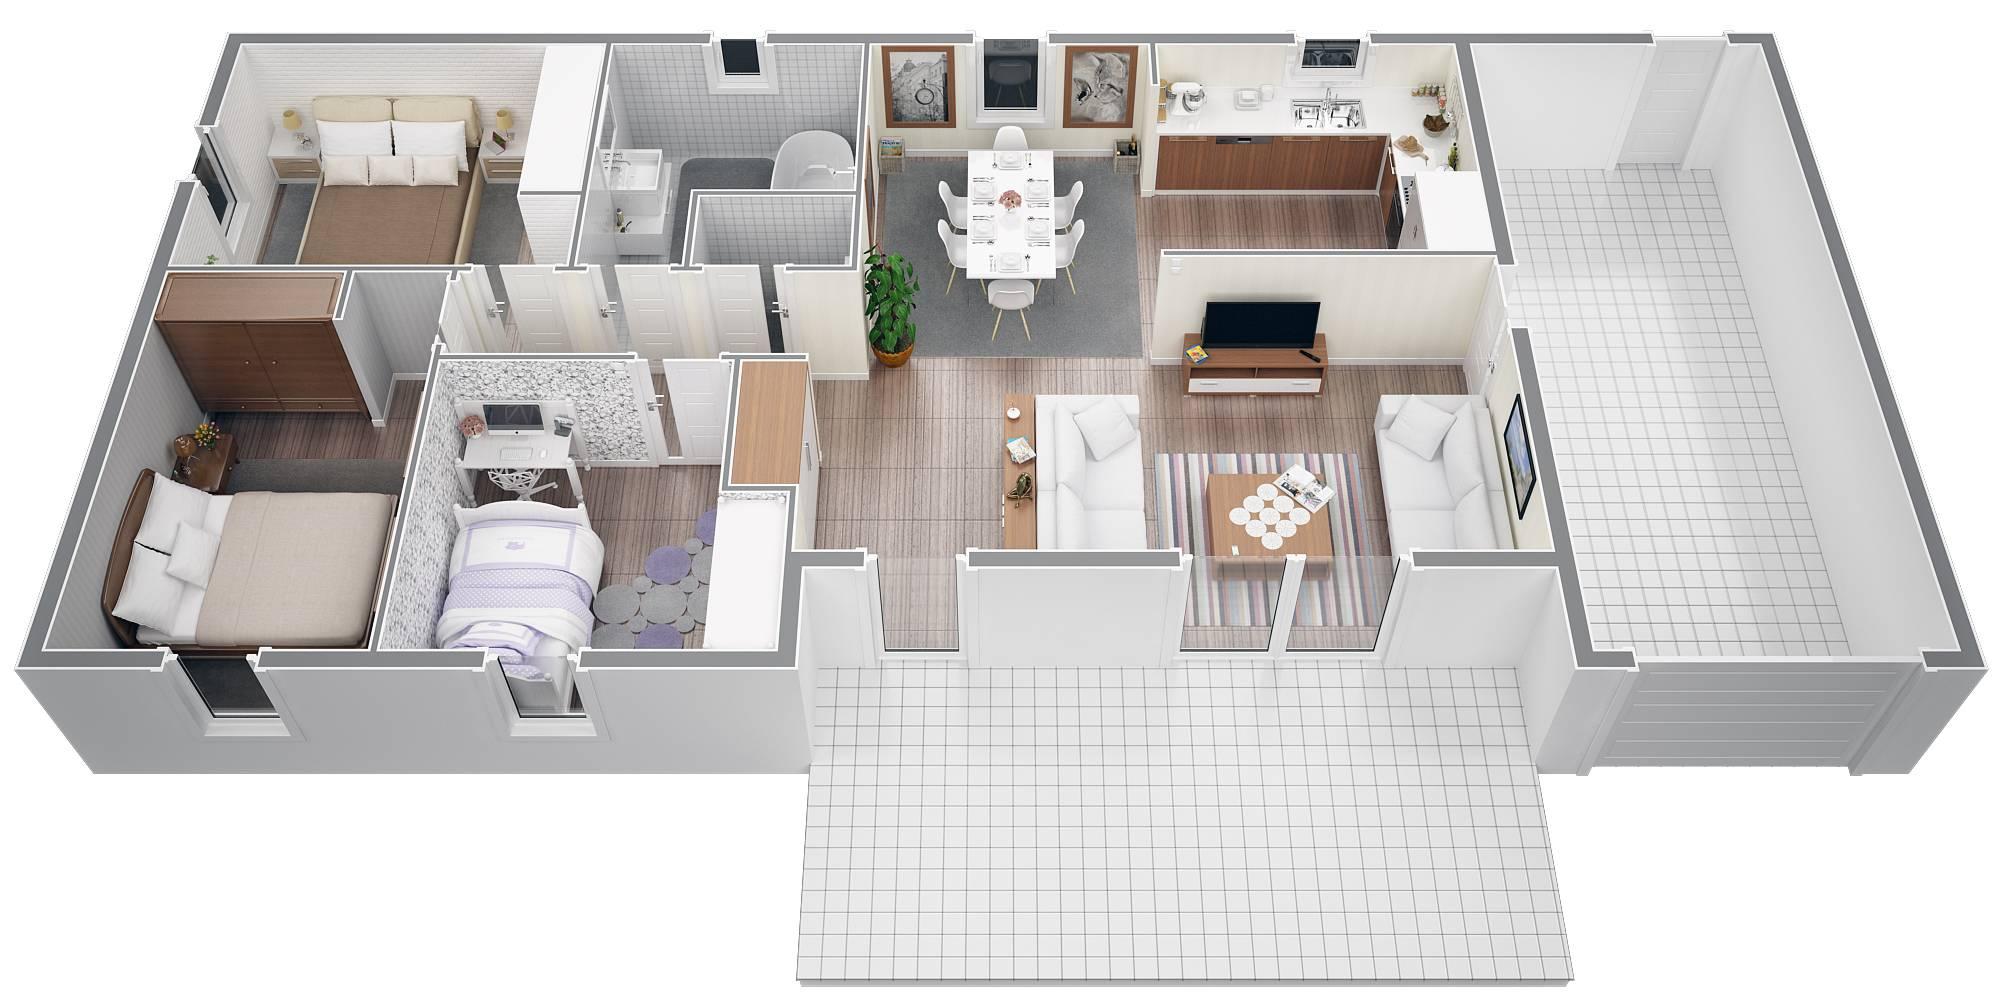 modele de maison a construire plain pied - maison françois fabie - Plan Maison Plain Pied 6 Chambres